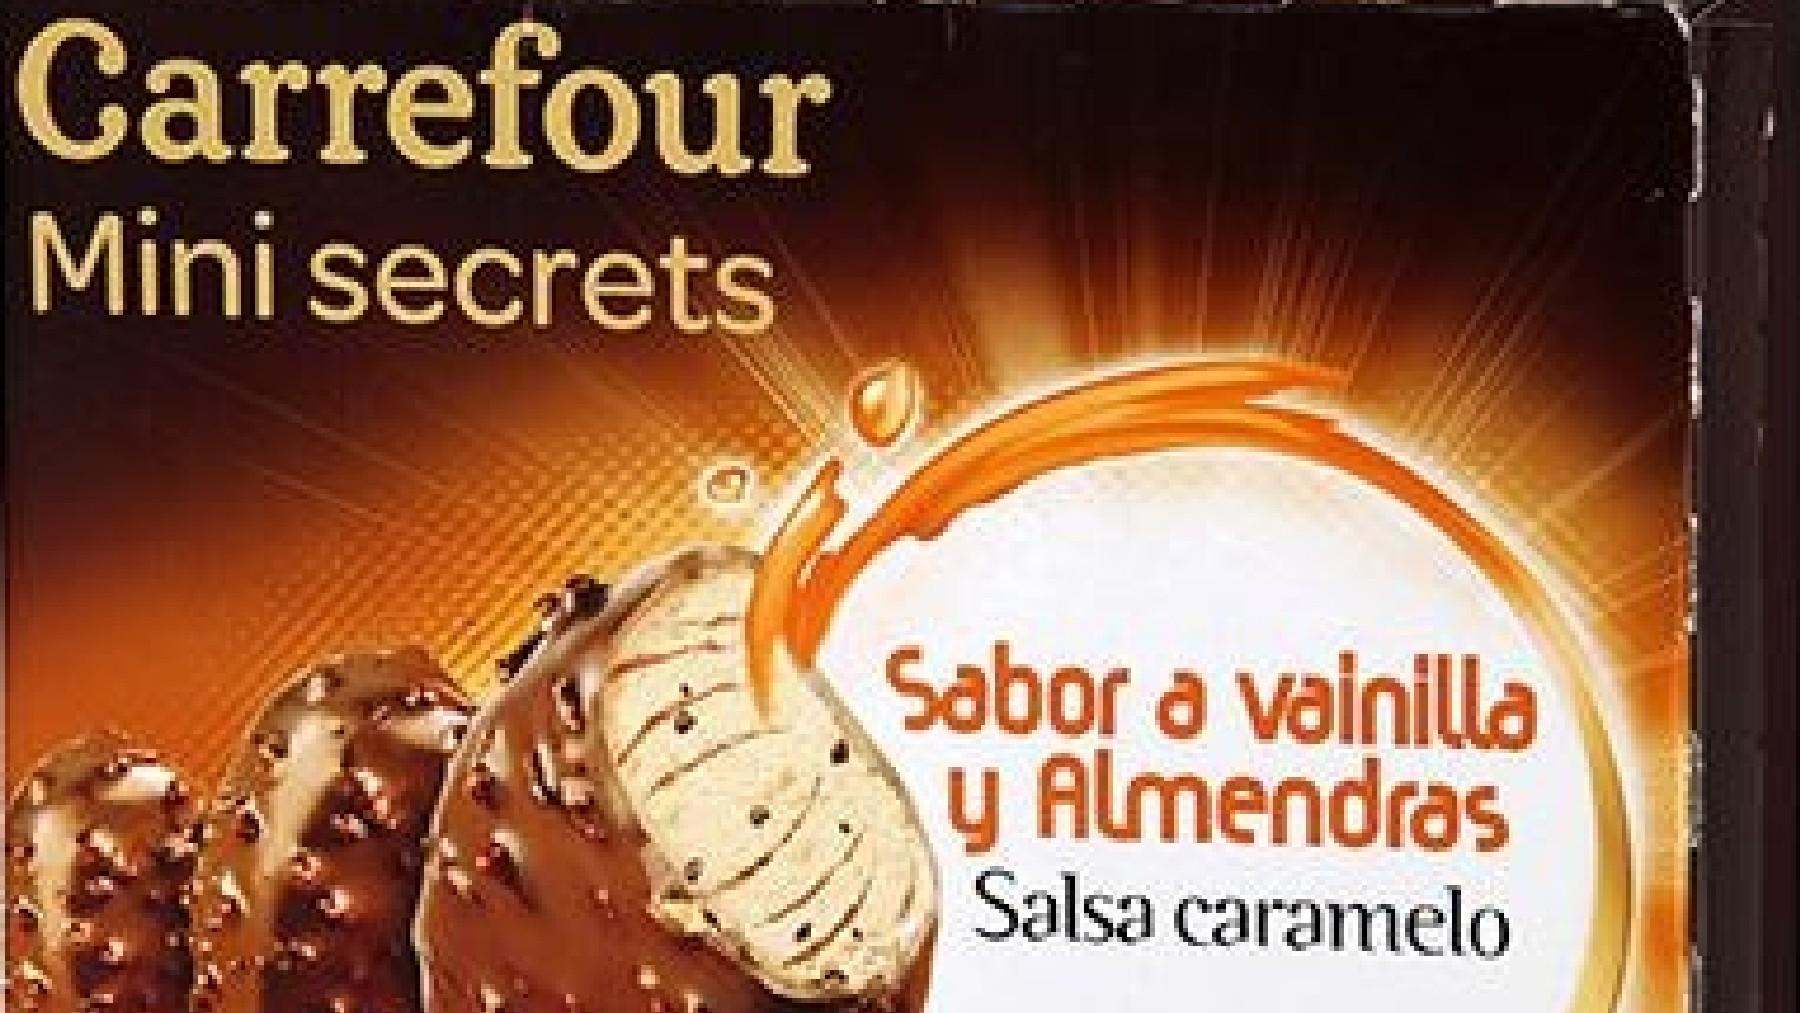 Helados Carrefour.